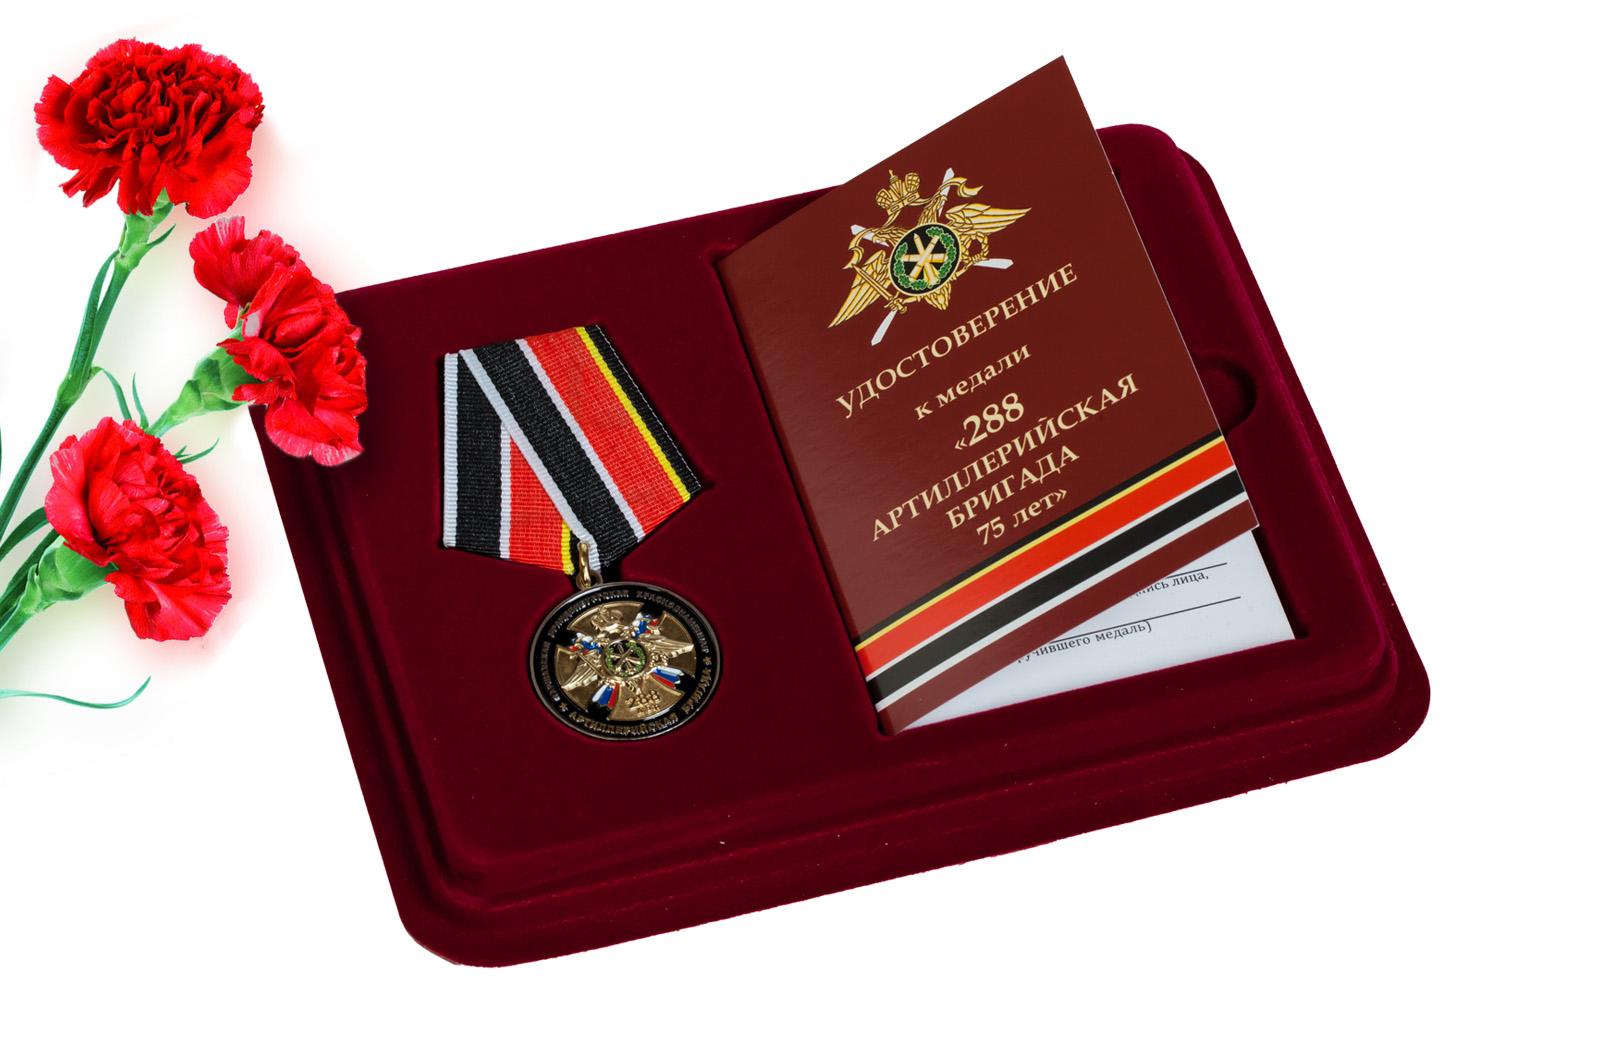 Купить памятную медаль 75 лет 288-ой Артиллерийской бригады онлайн с доставкой